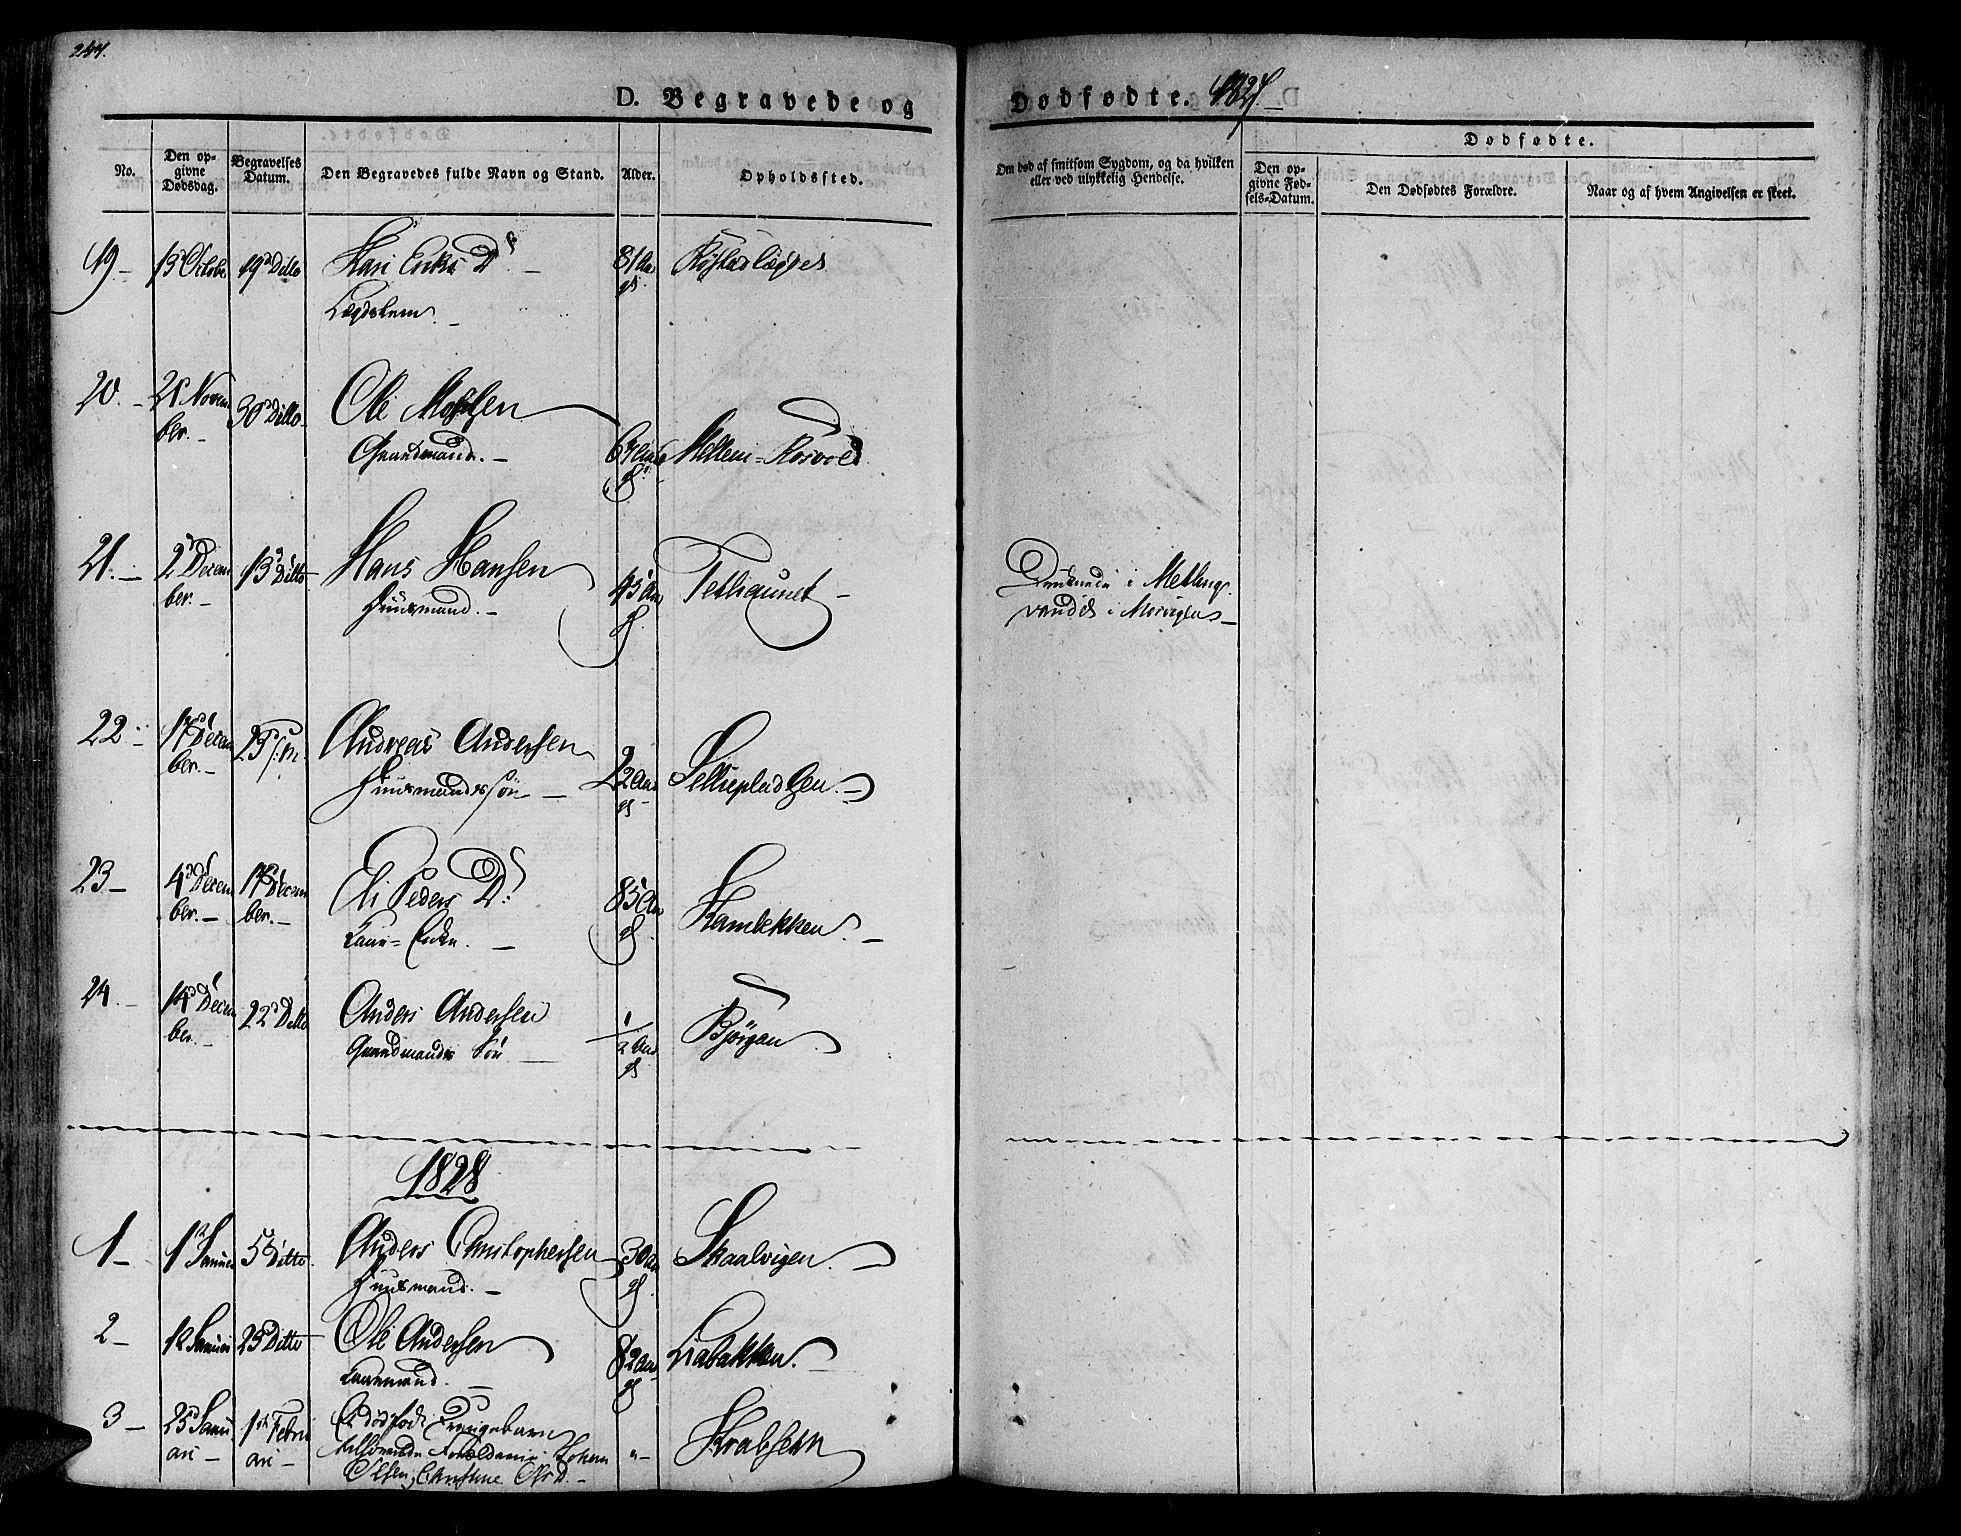 SAT, Ministerialprotokoller, klokkerbøker og fødselsregistre - Nord-Trøndelag, 701/L0006: Ministerialbok nr. 701A06, 1825-1841, s. 247